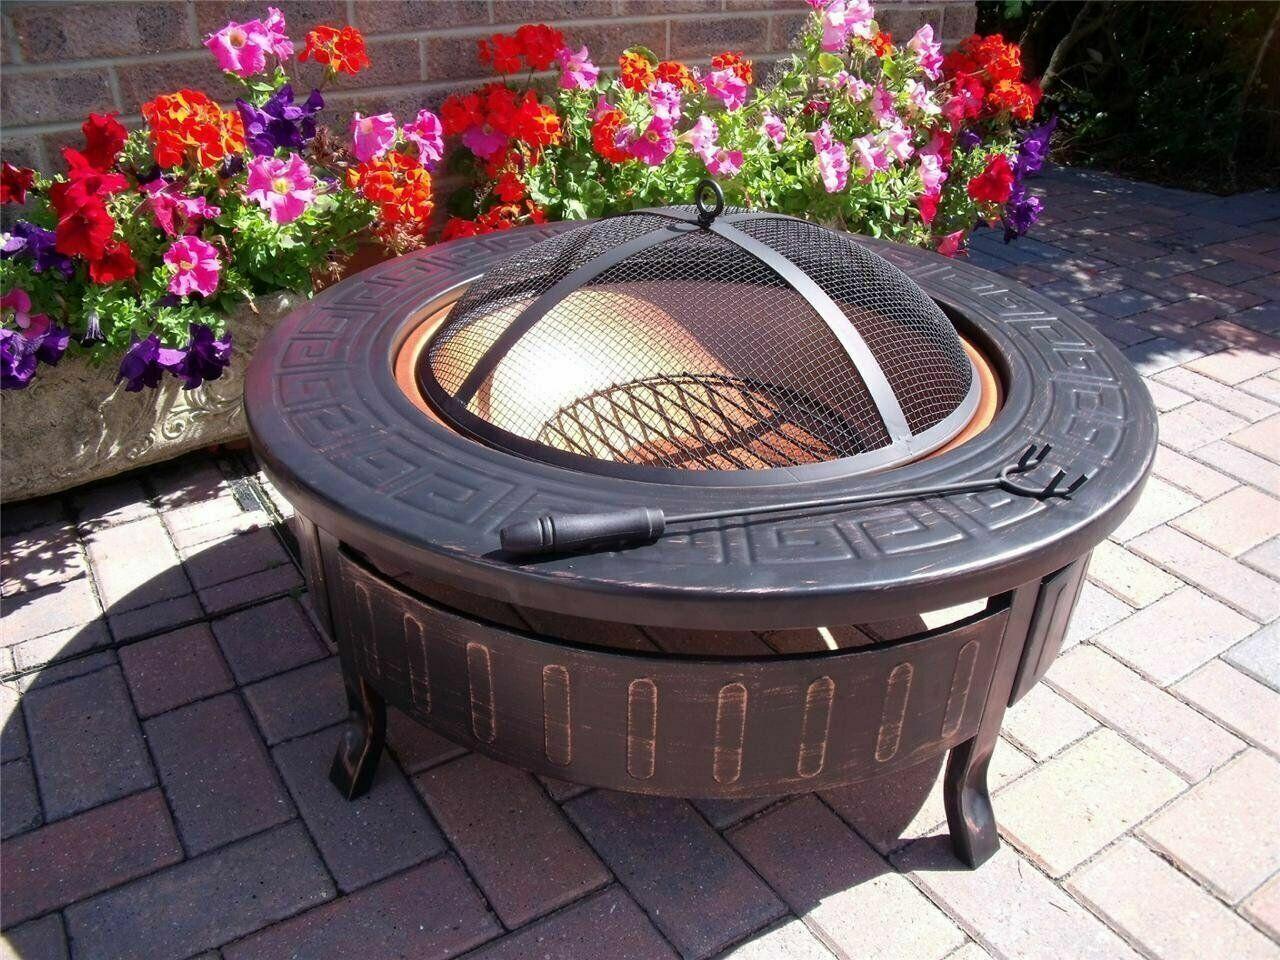 Efecto De Bronce rojoondo Jardín Quemador de registro de Pozo De Fuego Bbq Parrilla al aire libre calentador de patio